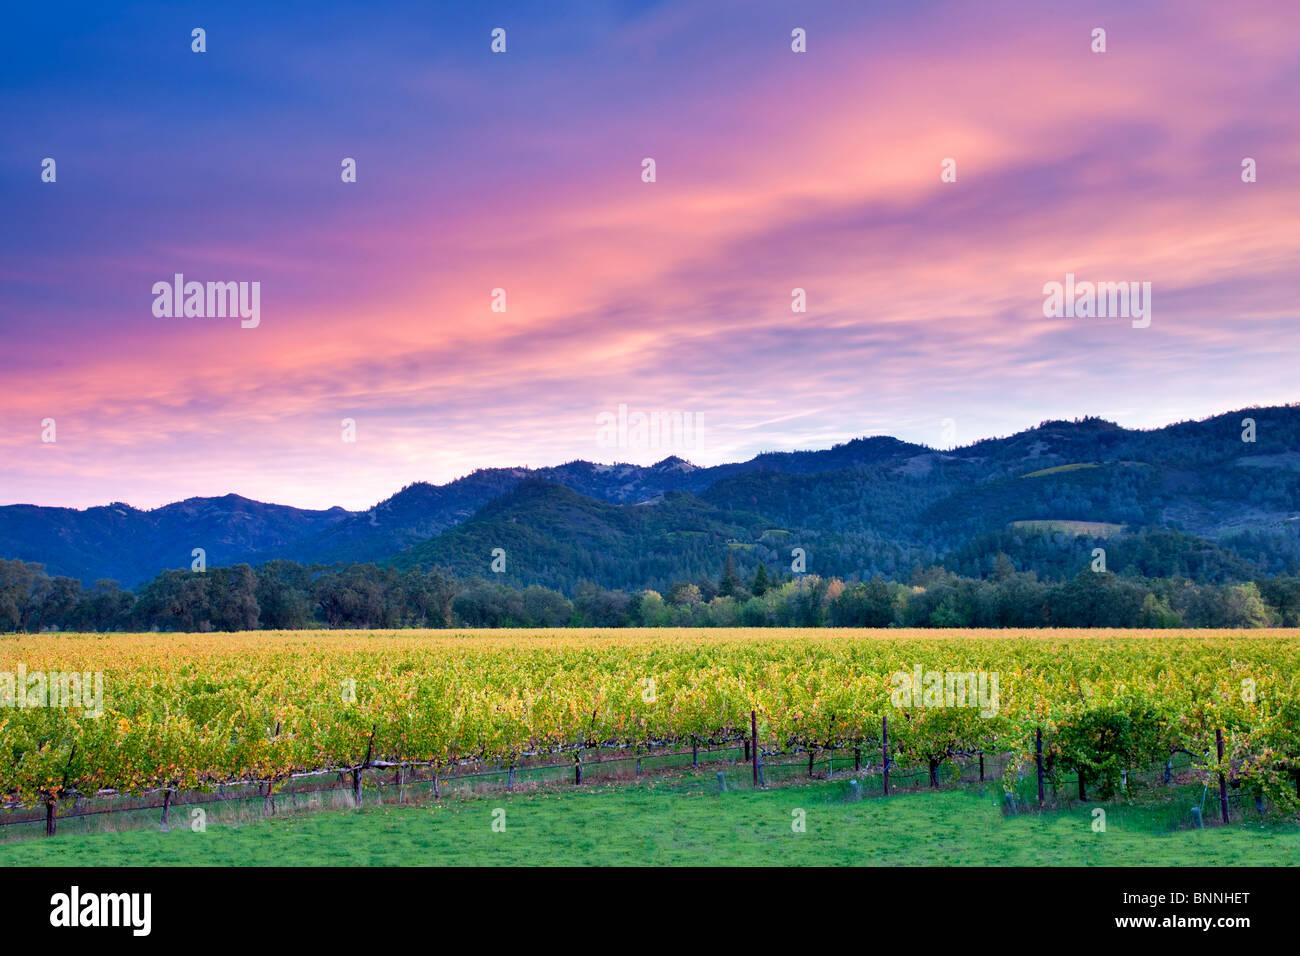 Lever de Soleil sur le vignoble de la vallée de Napa avec la couleur de l'automne. Californie Banque D'Images